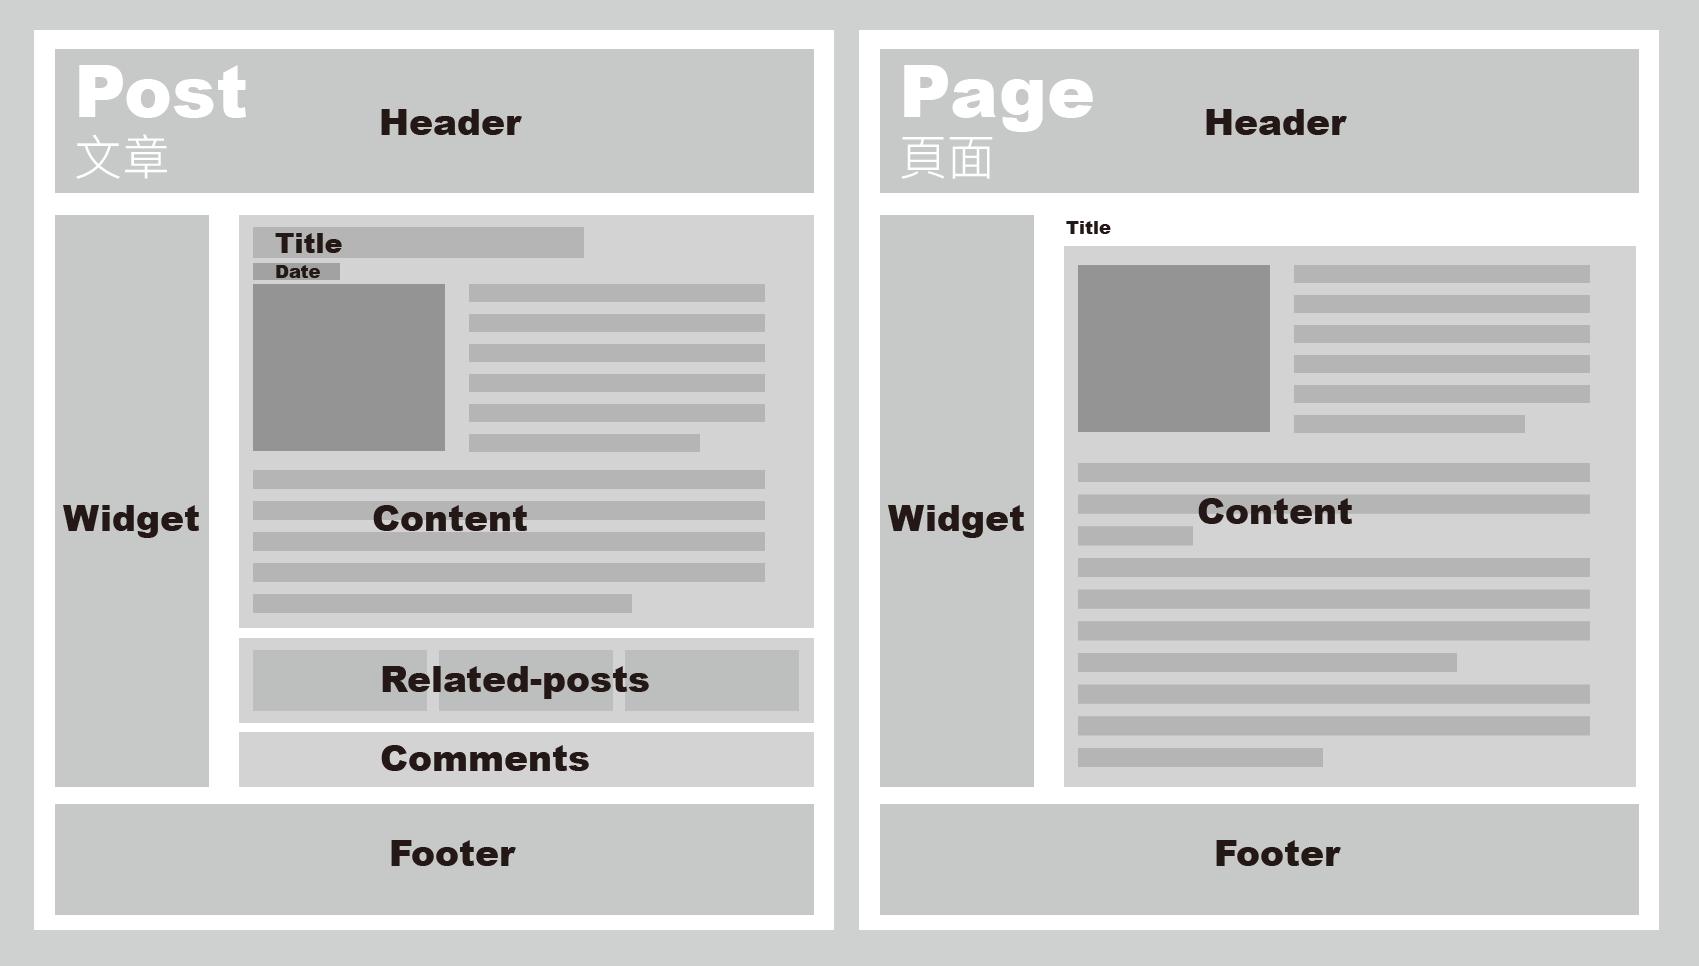 用兩個外觀圖比較 WordPress 裡面「文章」和「頁面」的不同